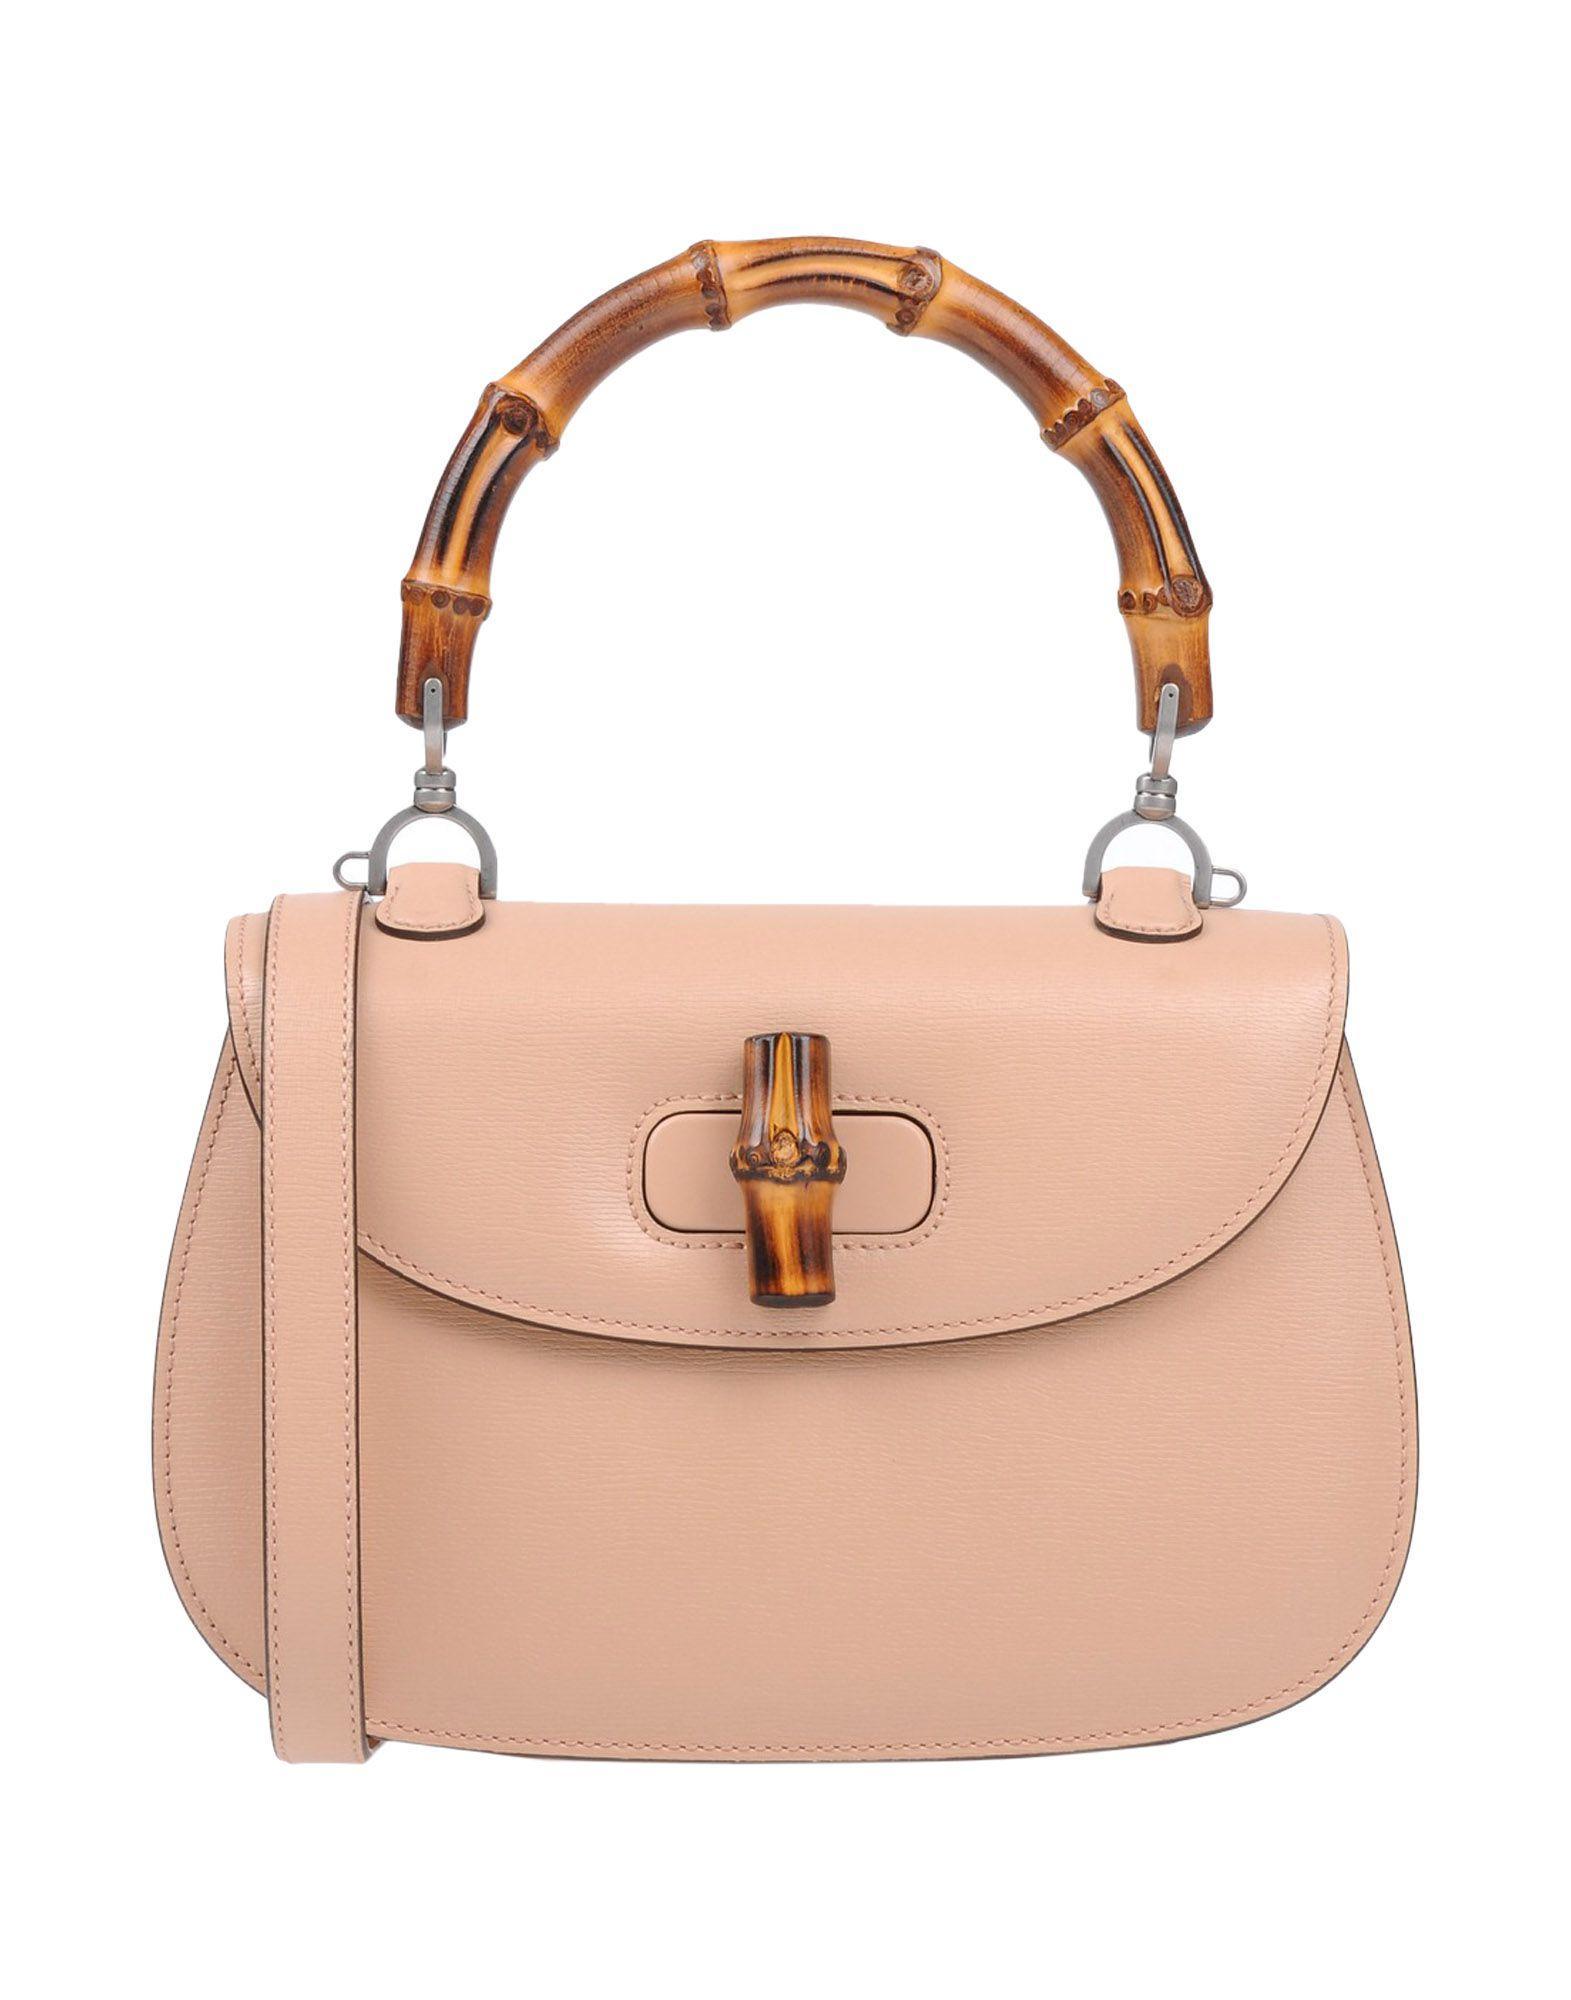 Gucci Handbags In Skin Color